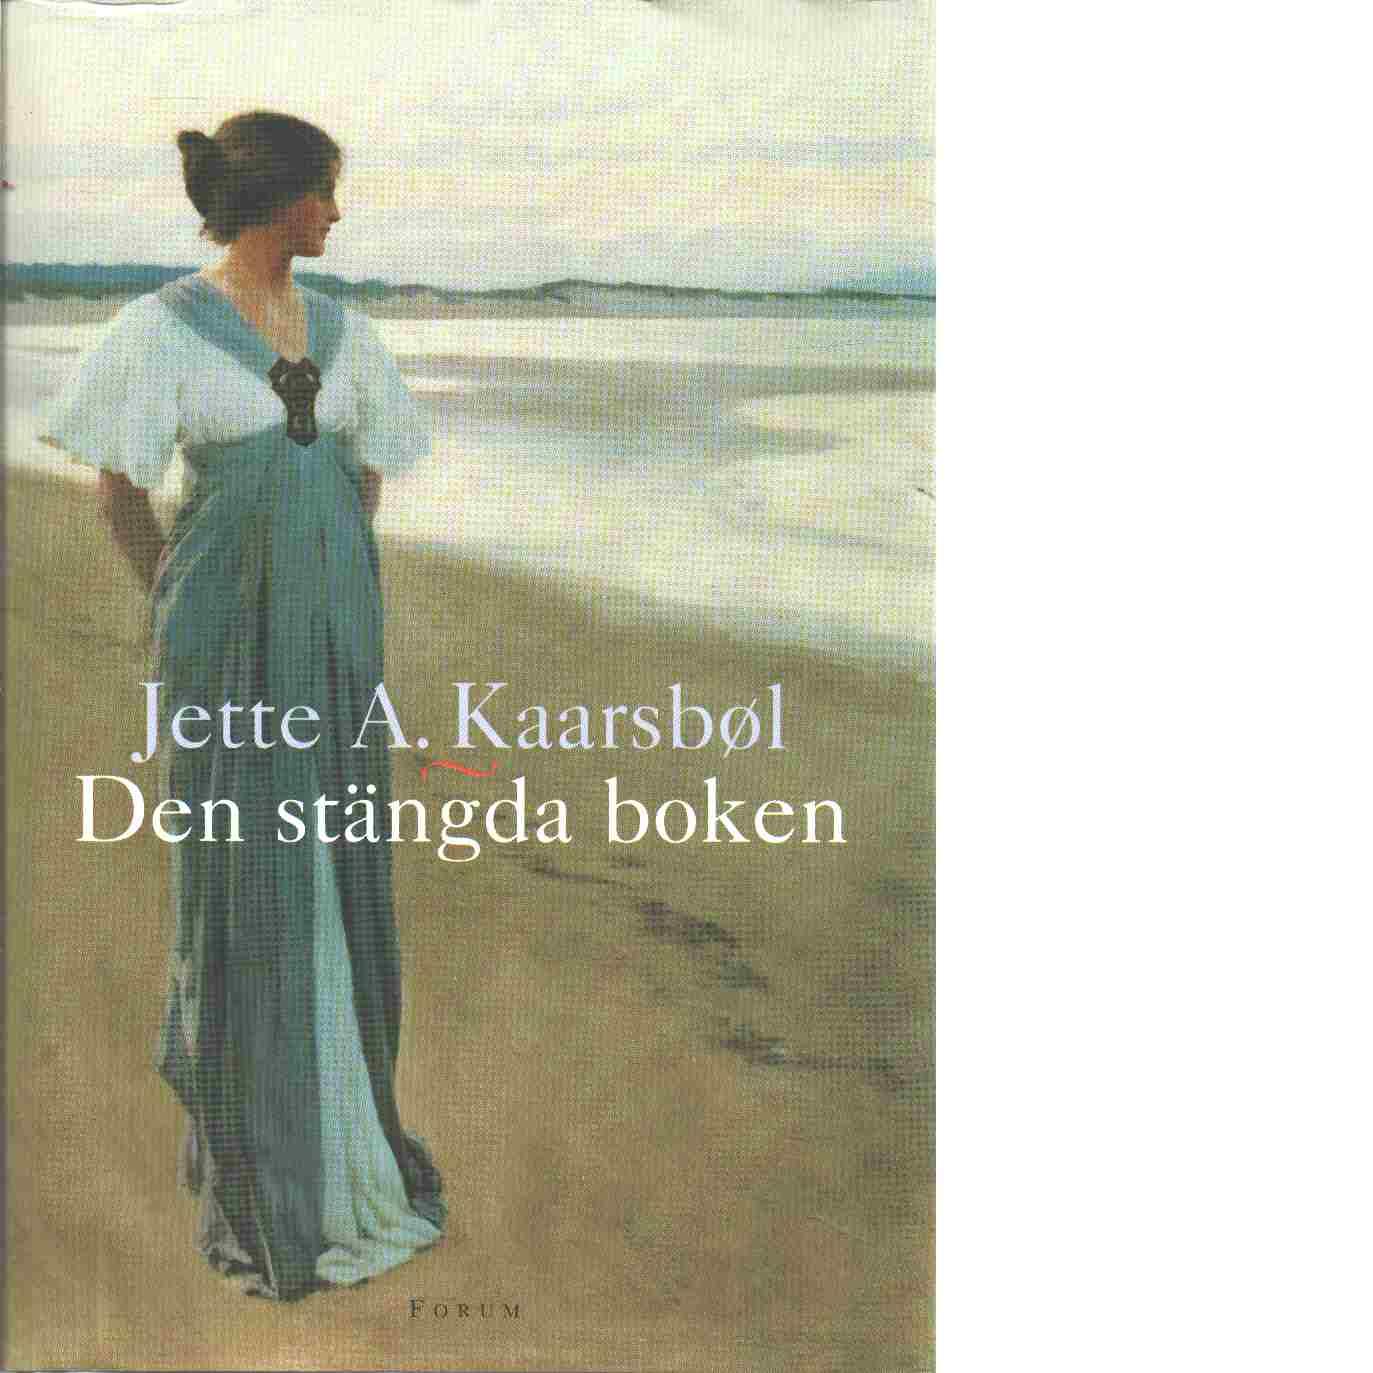 Den stängda boken - Kaarsbøl, Jette A.,